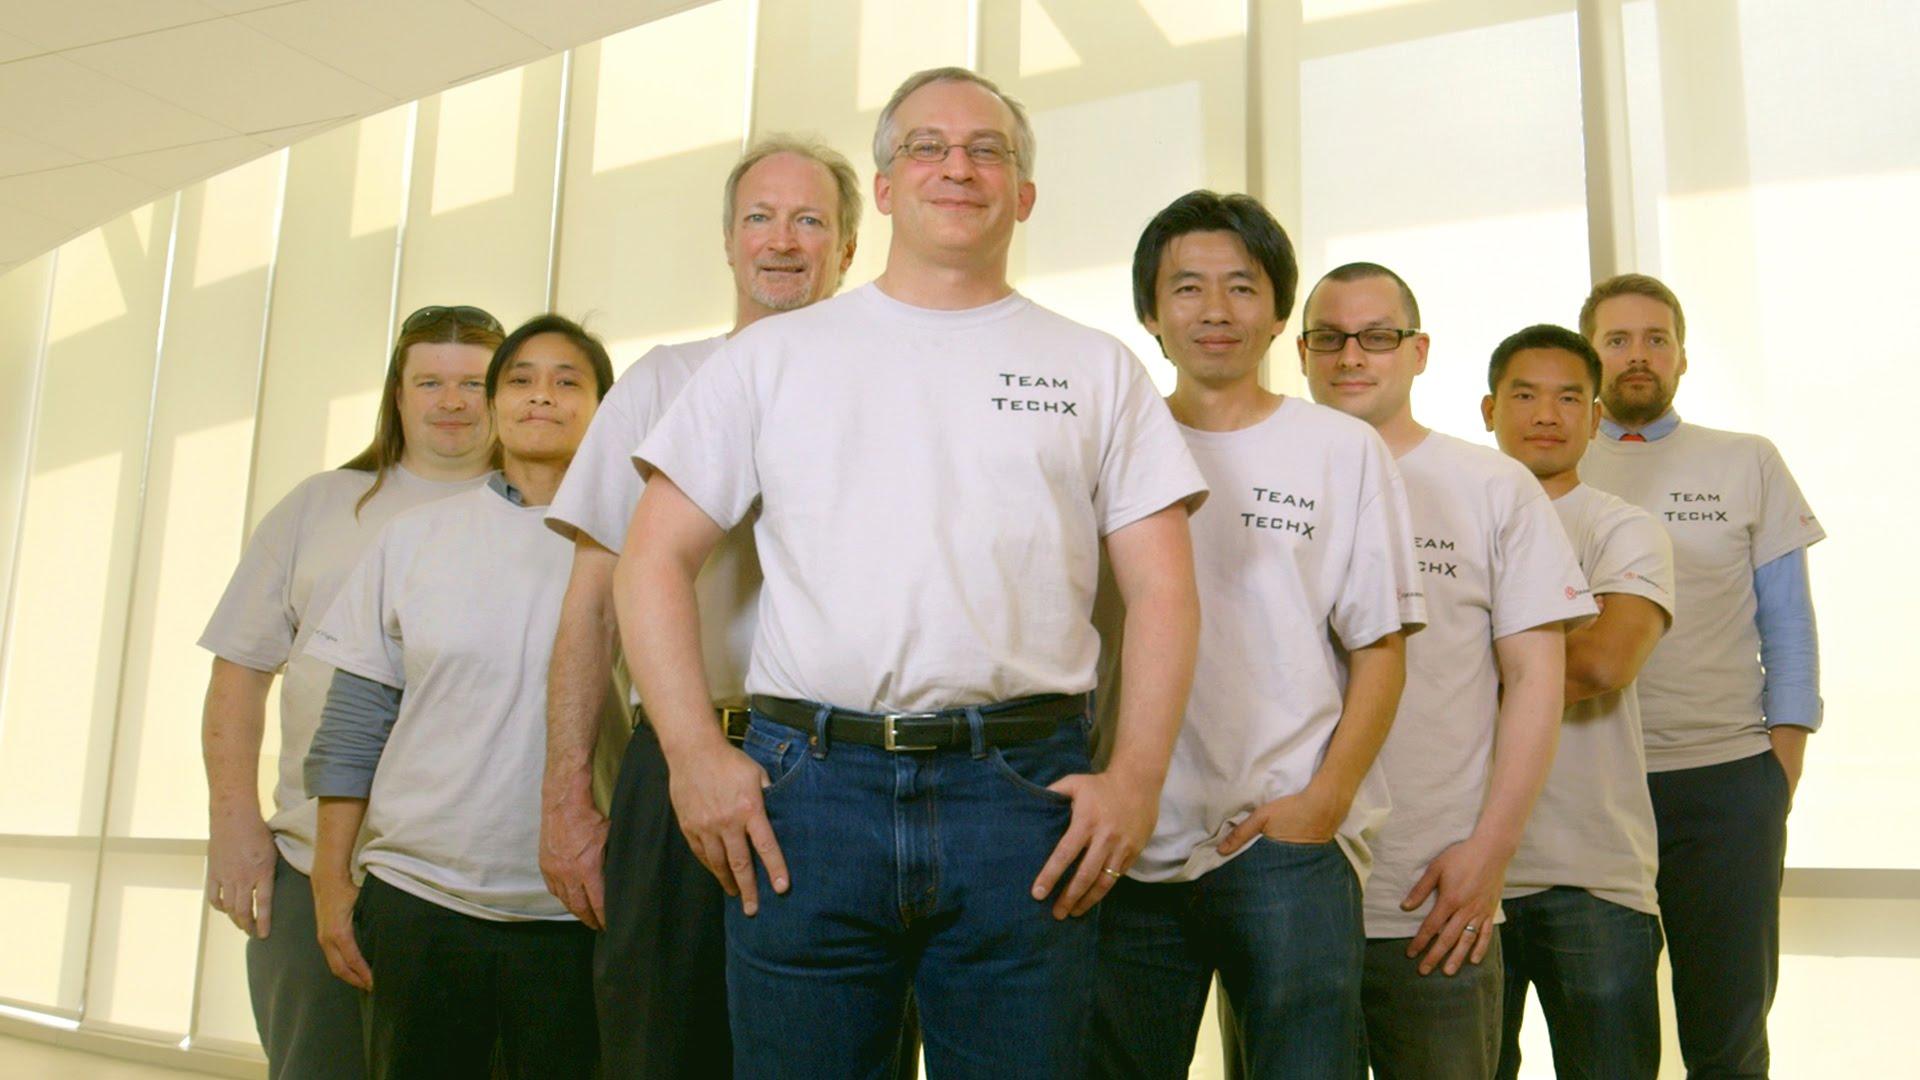 Anh Nguyễn Đức Sơn đứng thứ 2 từ bên phải sang, anh Nguyễn Tường Anh đứng thứ 4 từ bên phải sang.